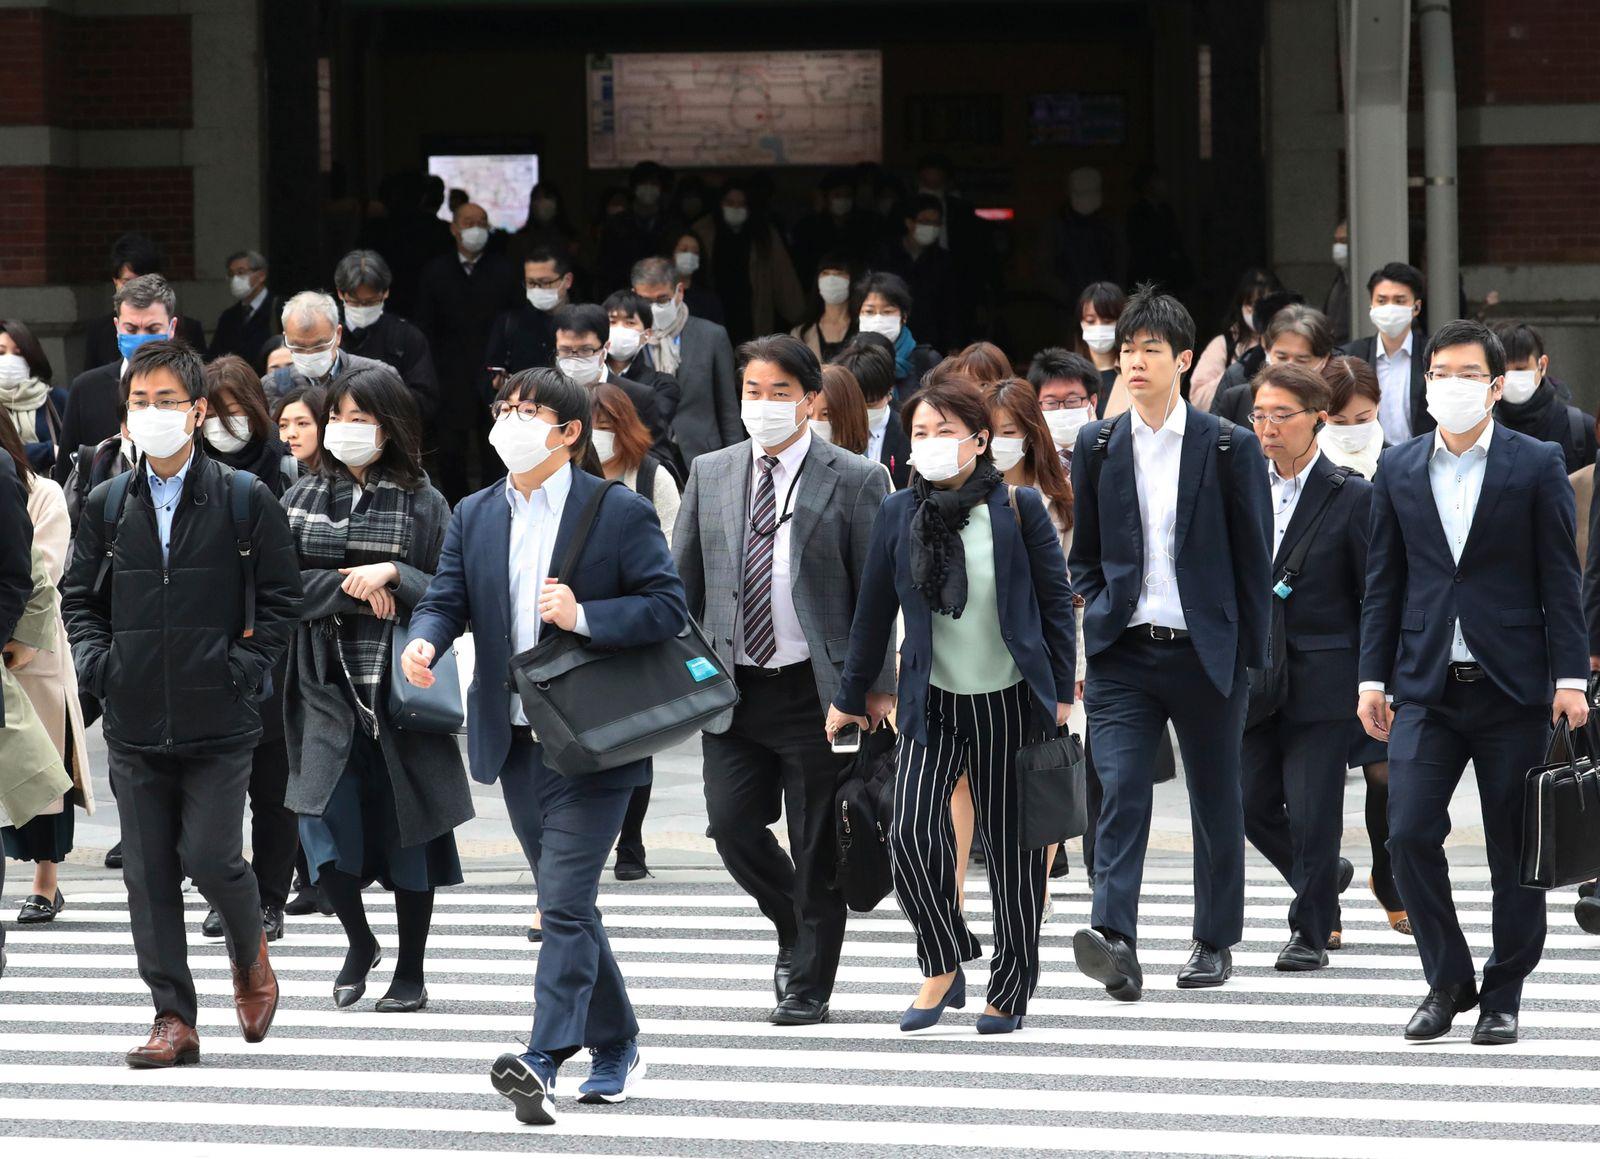 Novel coronavirus outbreak / state of emergency in Japan